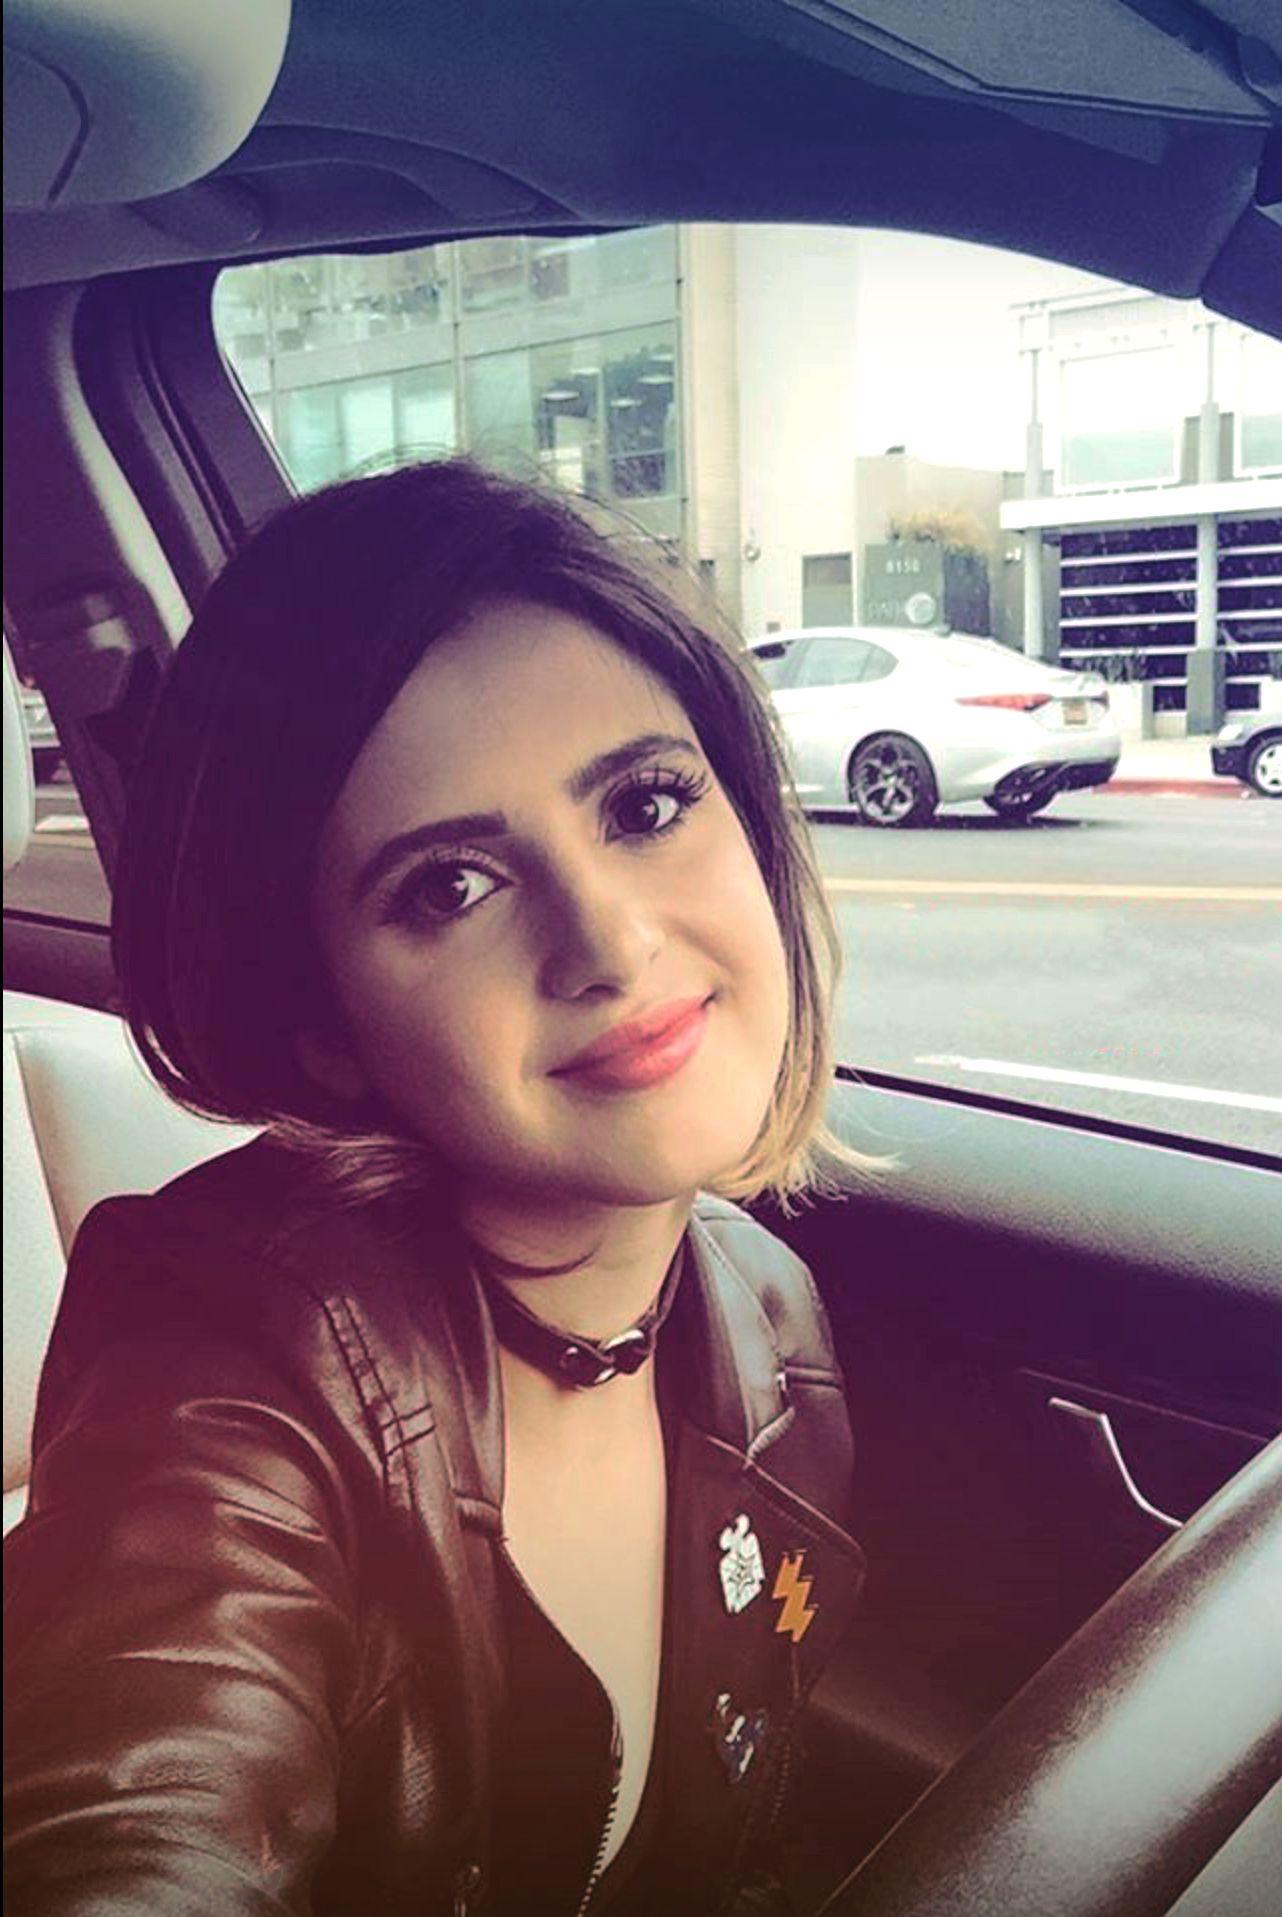 Photo of Laura Marano  - car